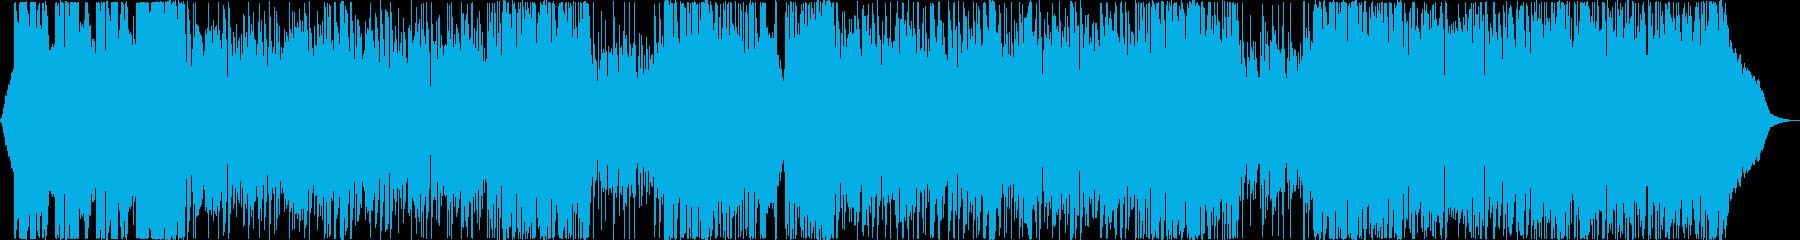 強力なクラシックロックトラックの再生済みの波形